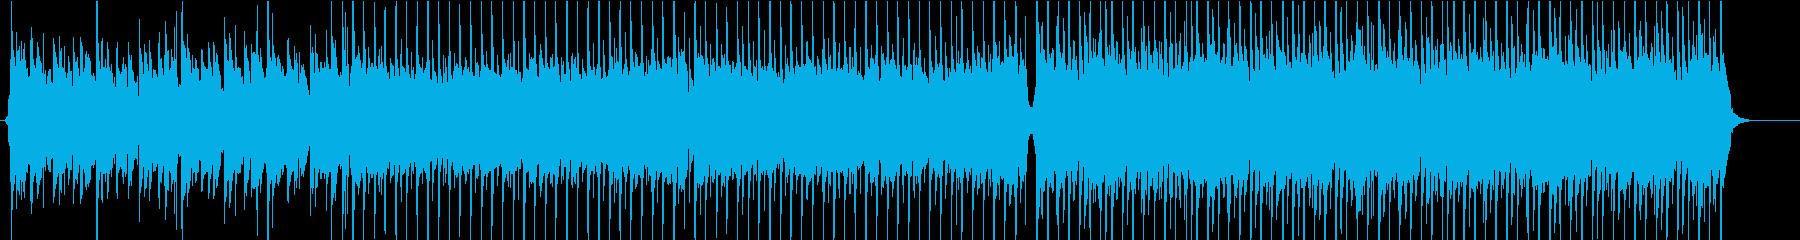 ファンタジーな可愛い曲の再生済みの波形